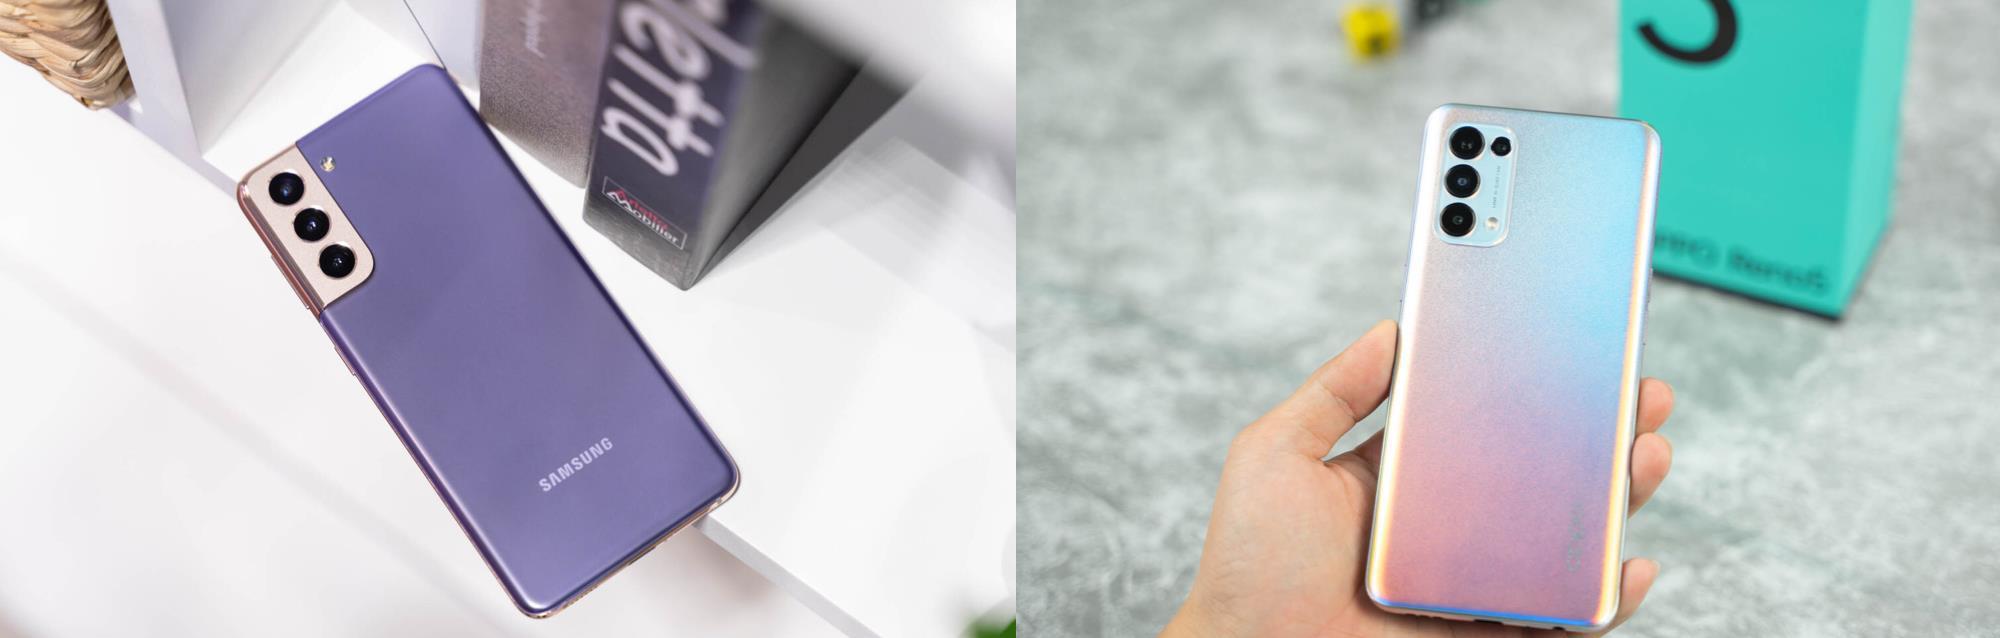 """""""Lên đời"""" năm mới với 10 món hi-tech sang xịn, giảm gần 50% tại Tiki - Ảnh 3."""